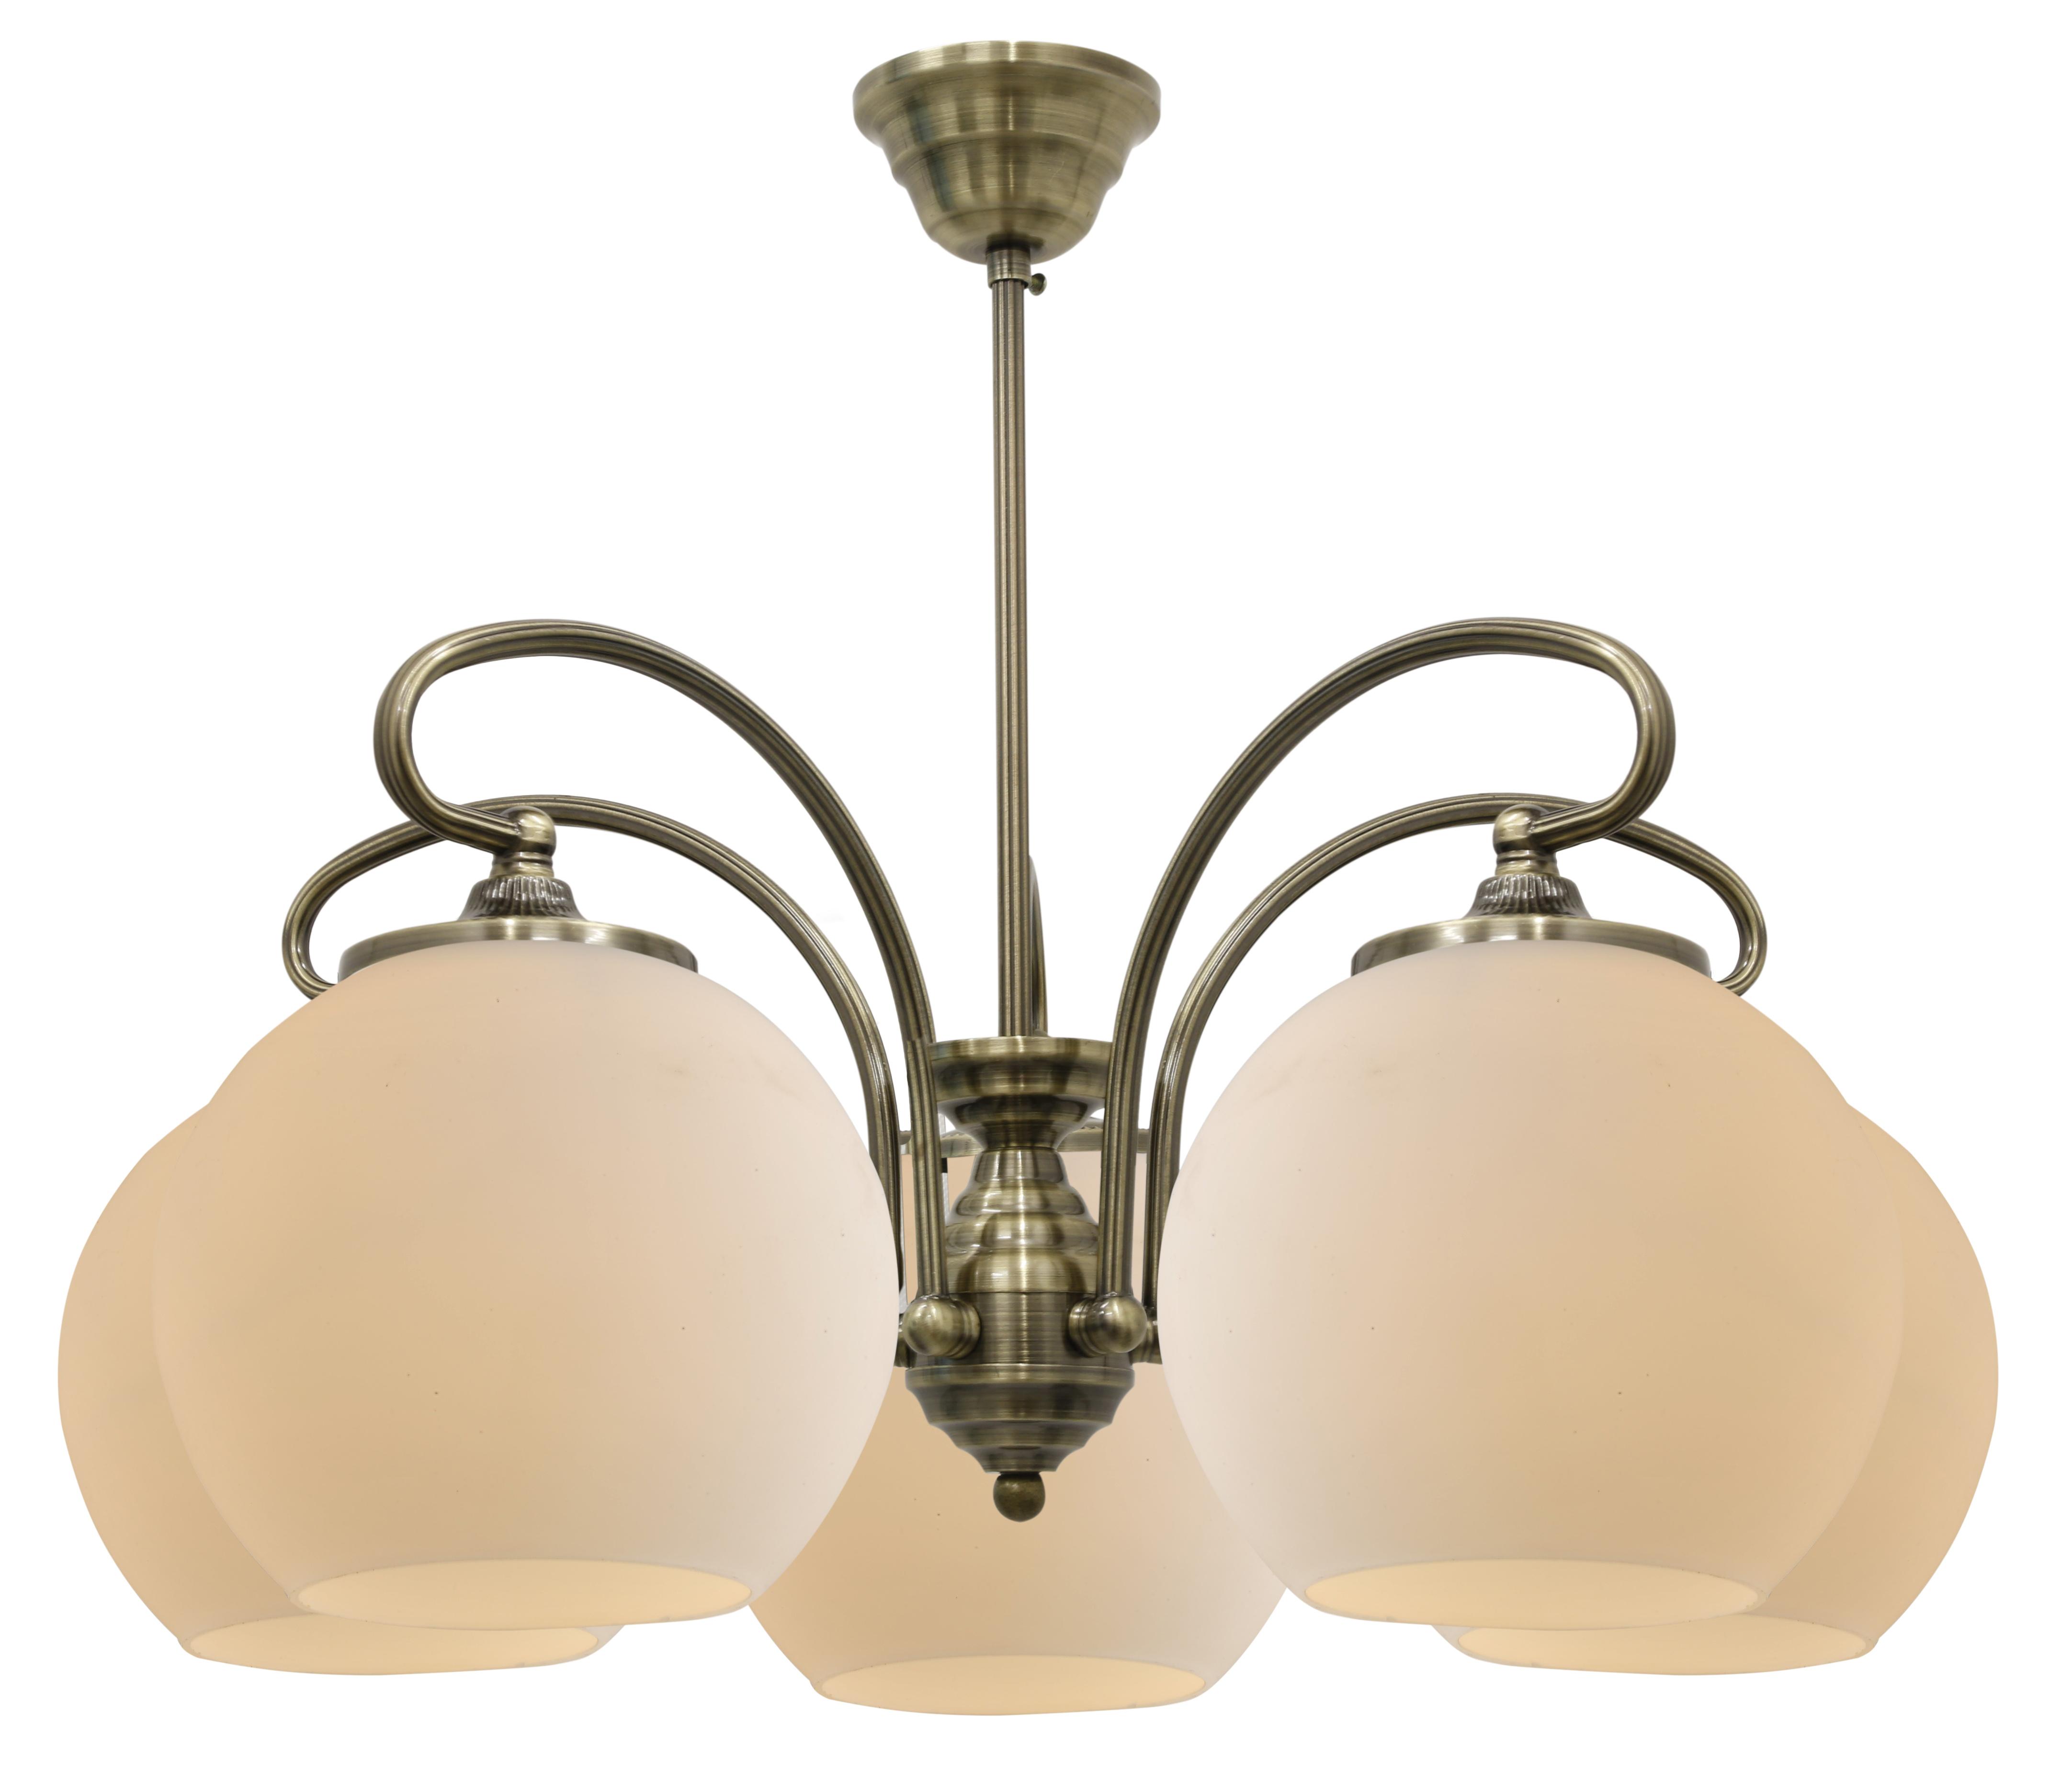 ORBIT LAMPA WISZĄCA 5X60W E27 PATYNOWA MIEDŹ - 35-69368